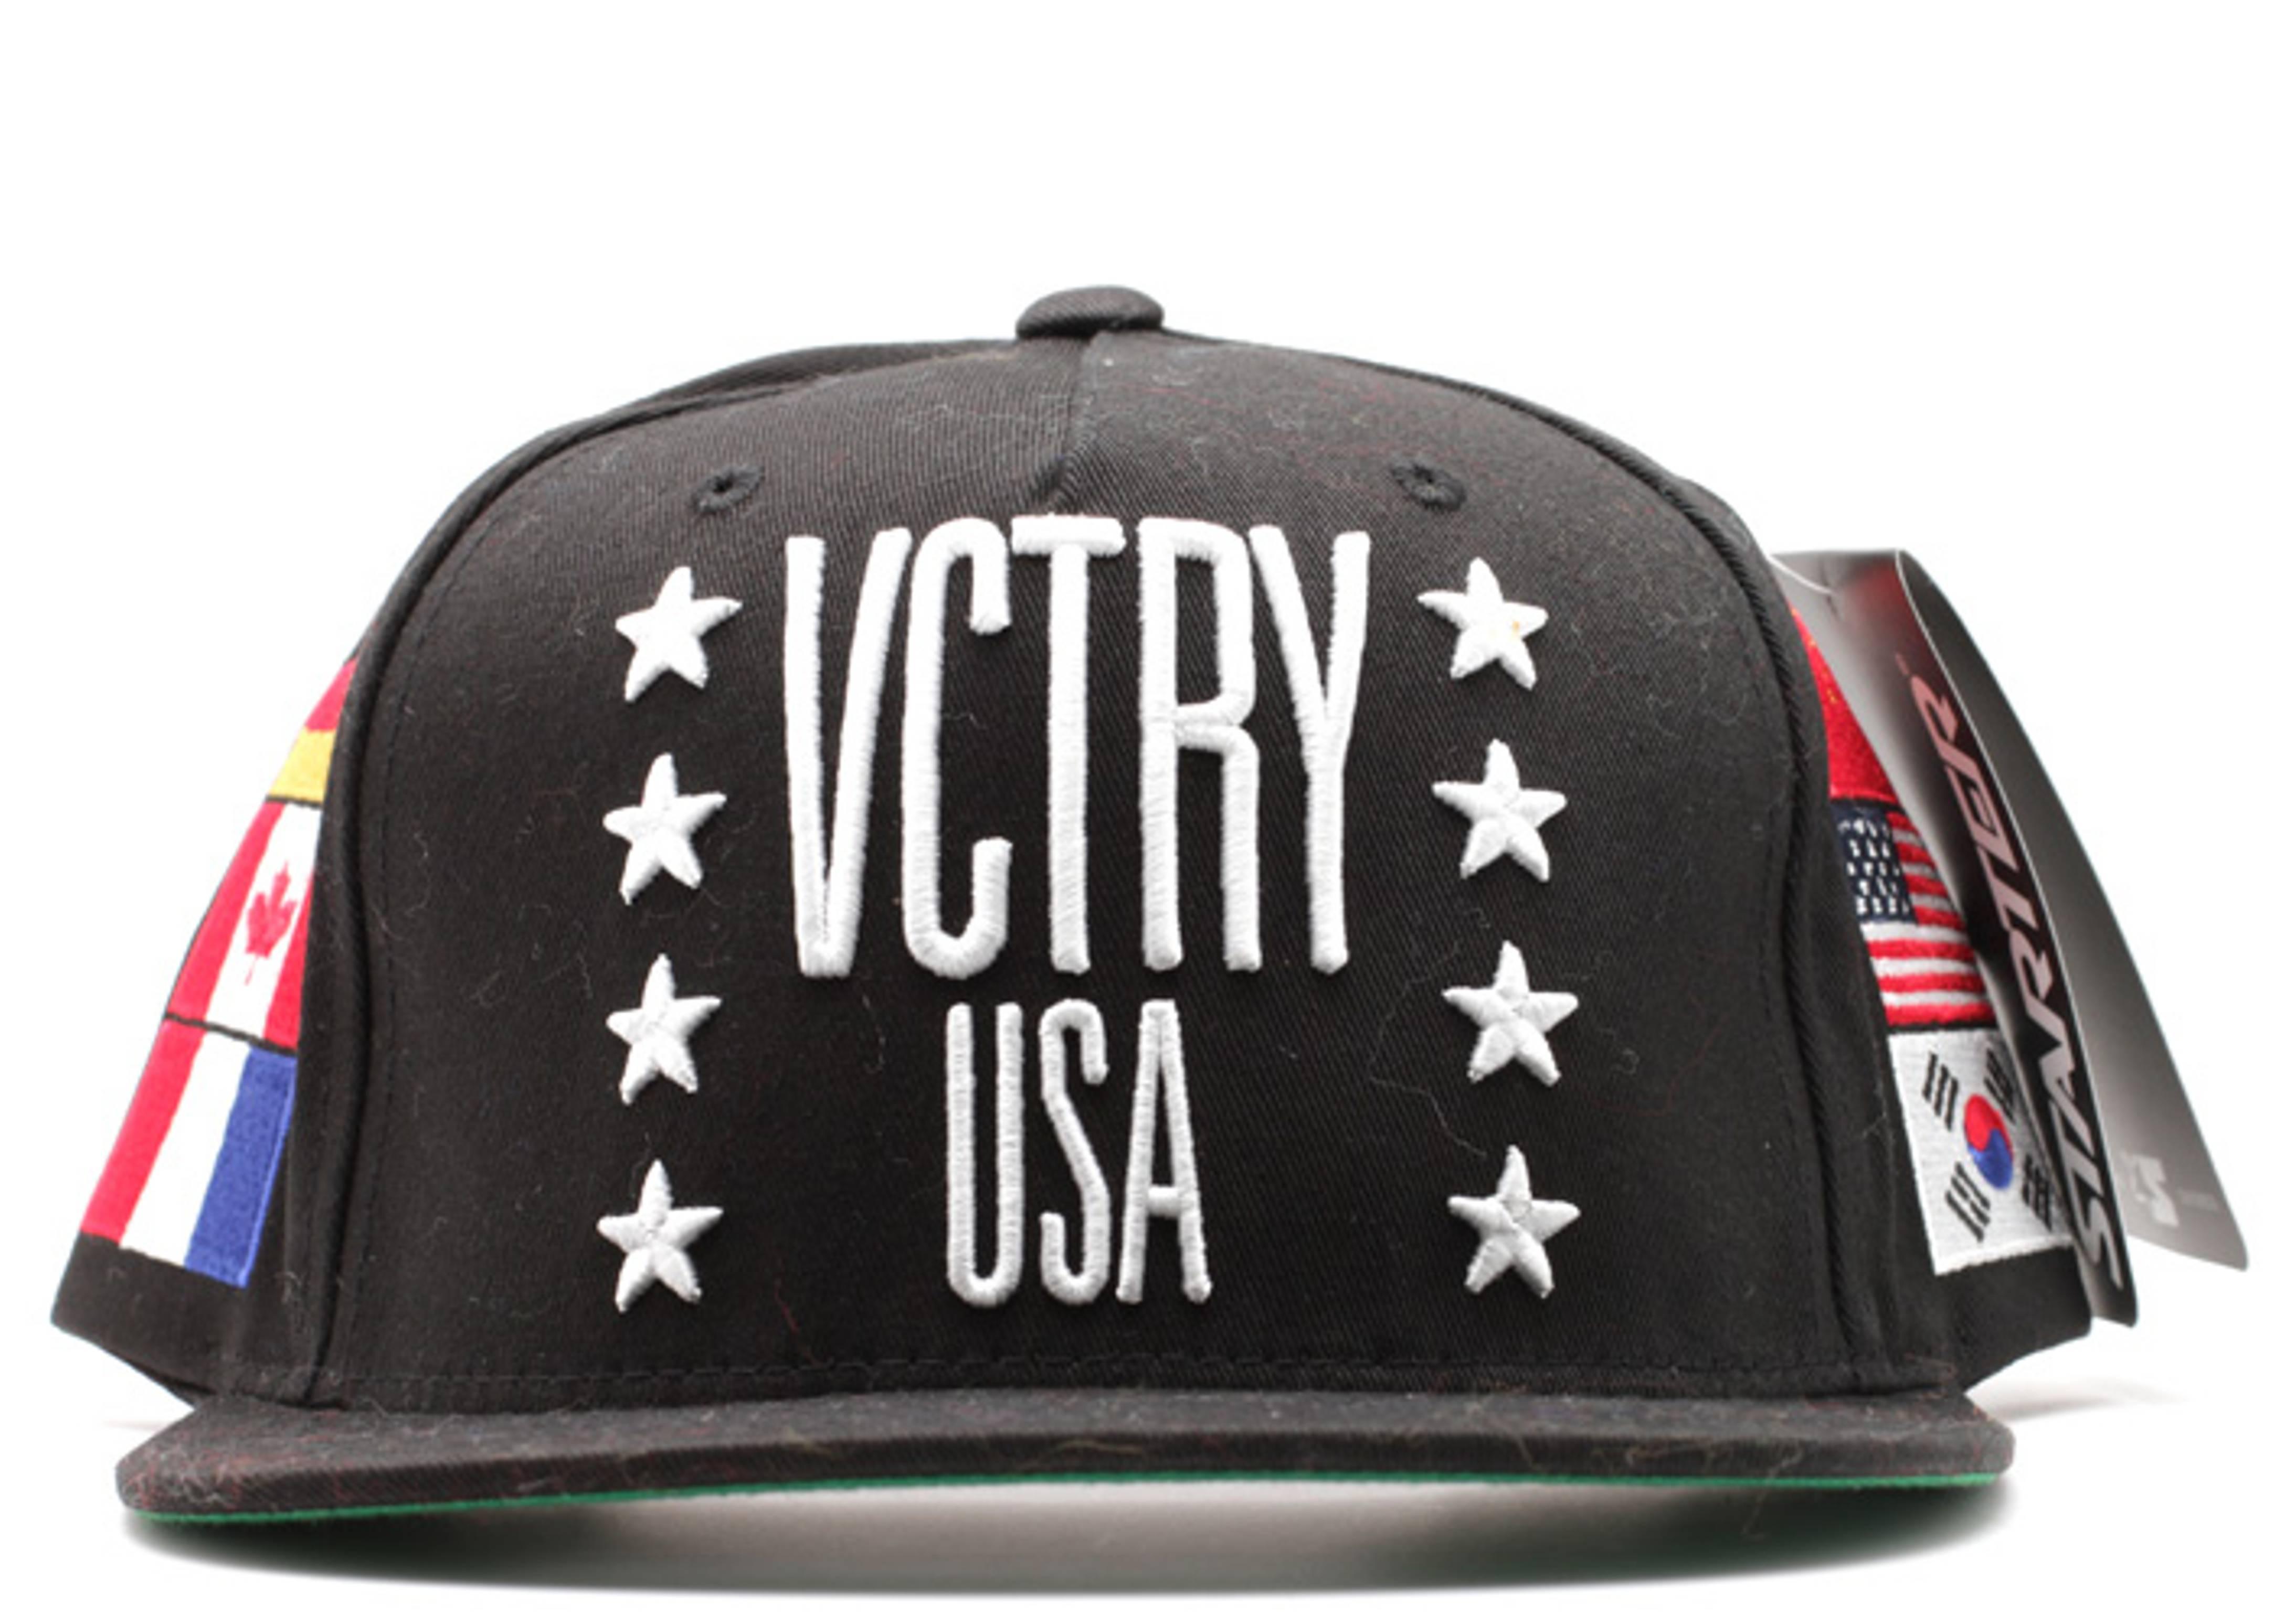 vctry usa snap-back